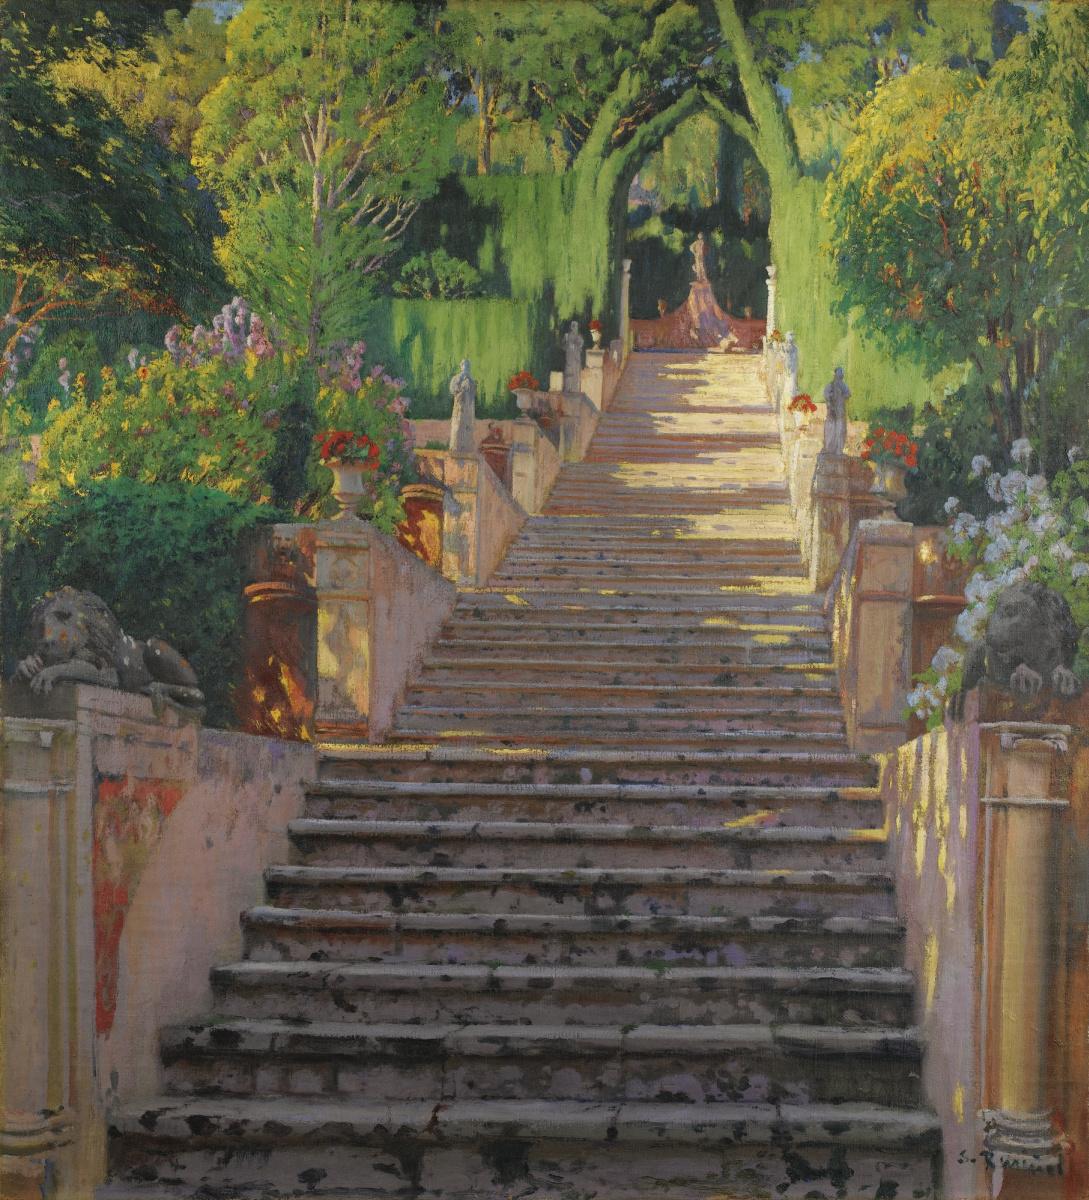 Santiago Rusignol. Old staircase